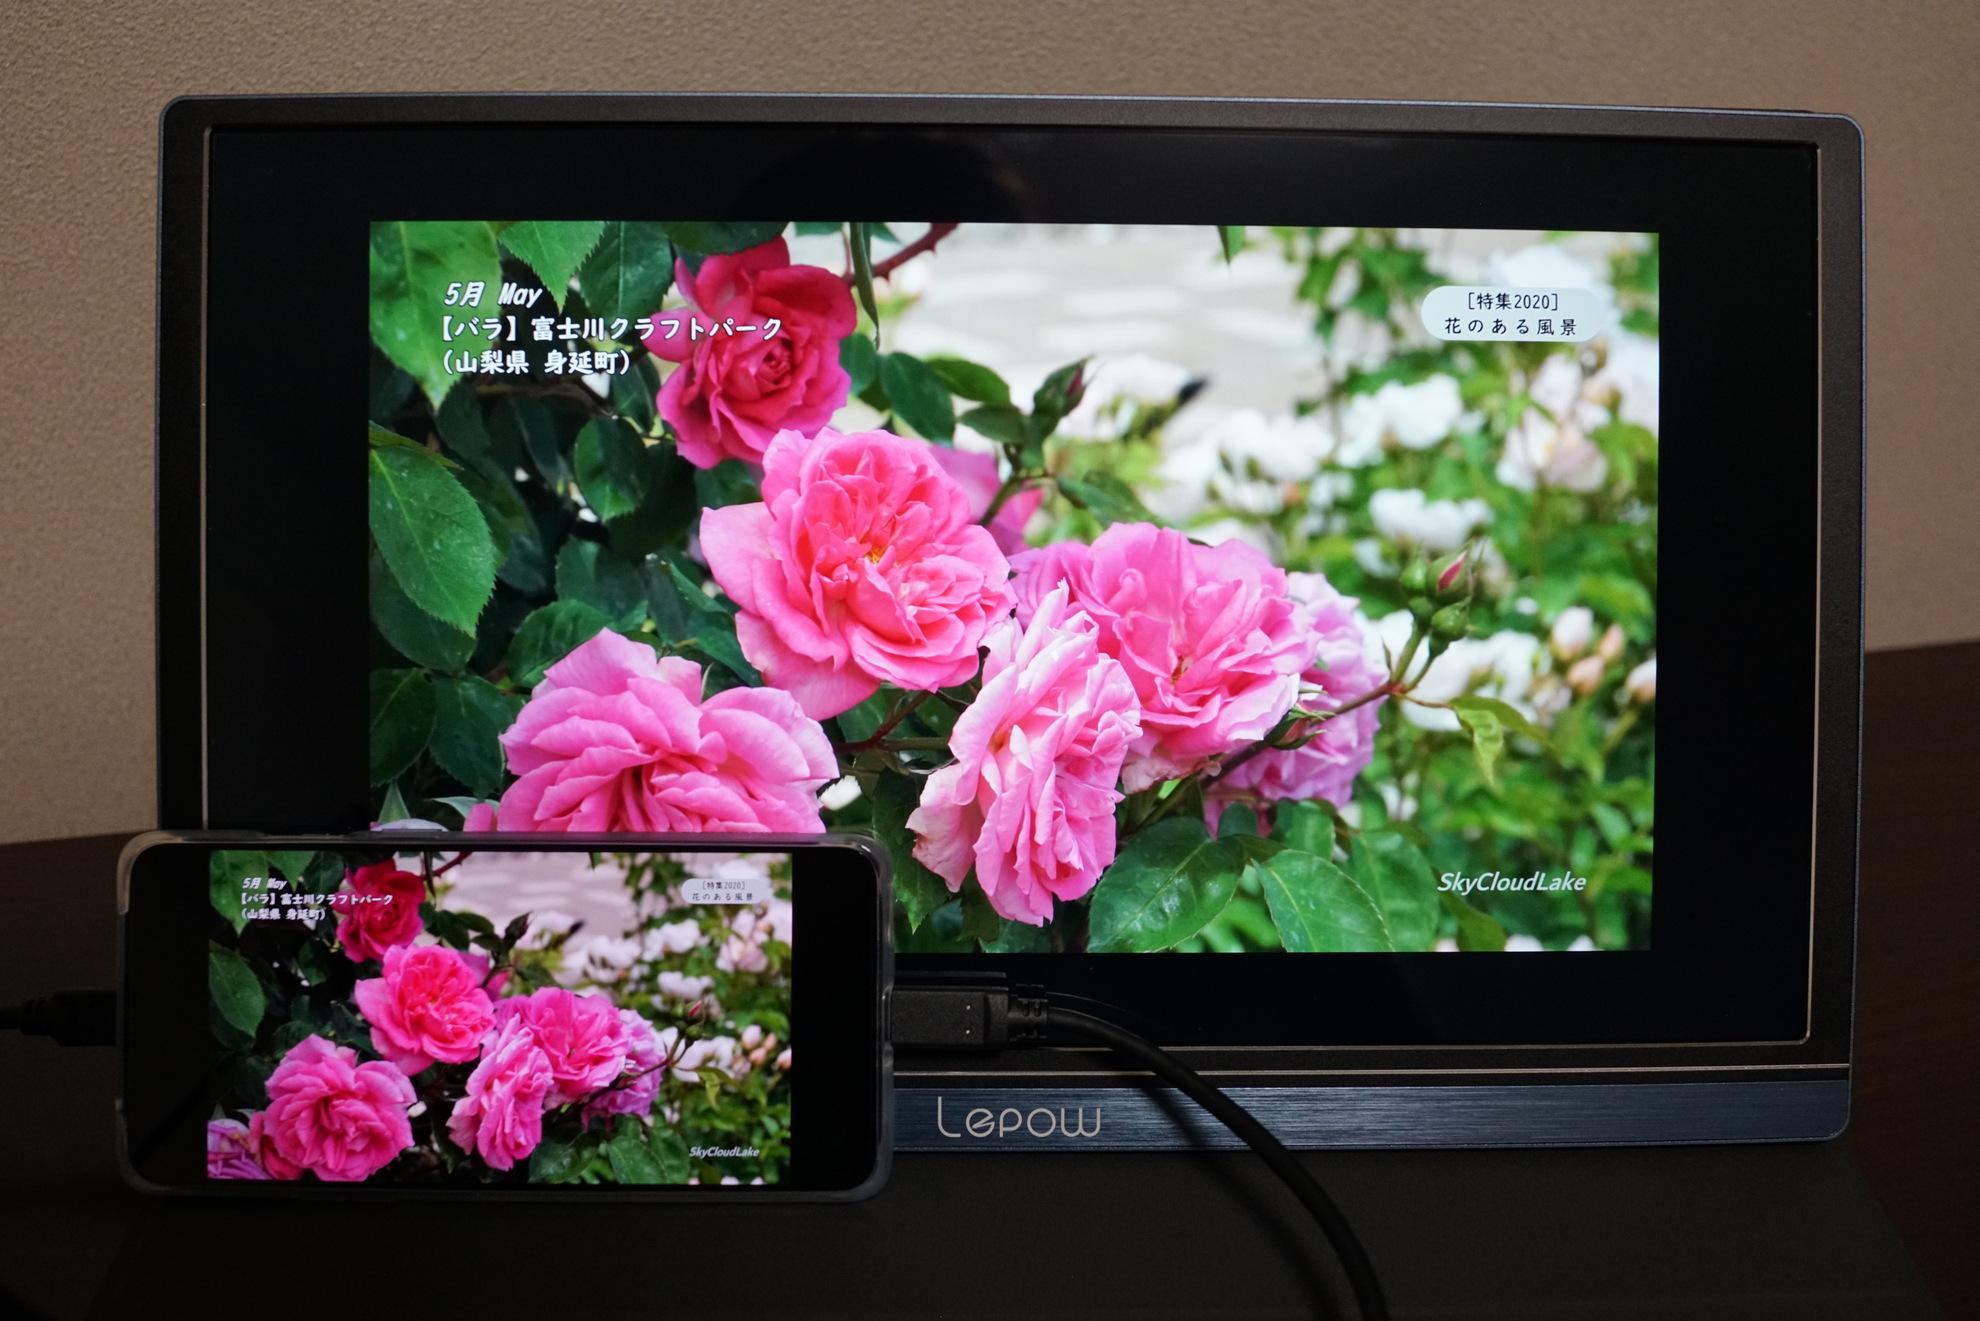 2020 LepowZ1高色域15.6インチFHDポータブルモニターの特徴